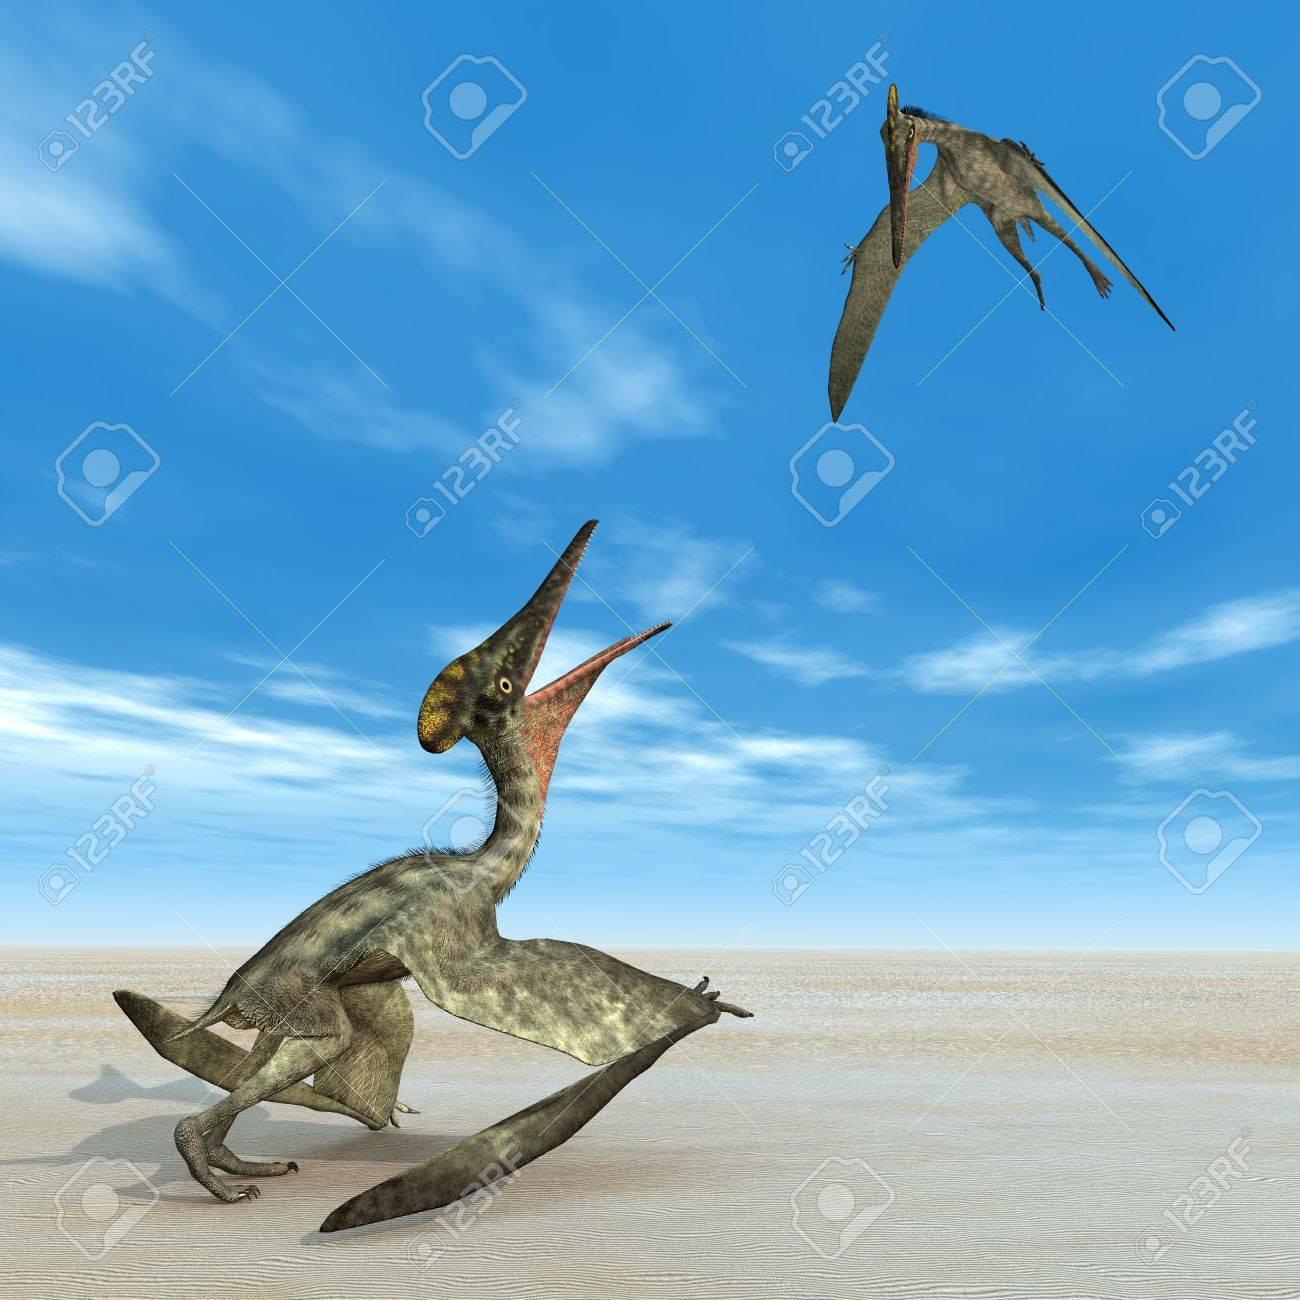 翼竜プテロダクティルス の写真素材・画像素材 Image 27946833.